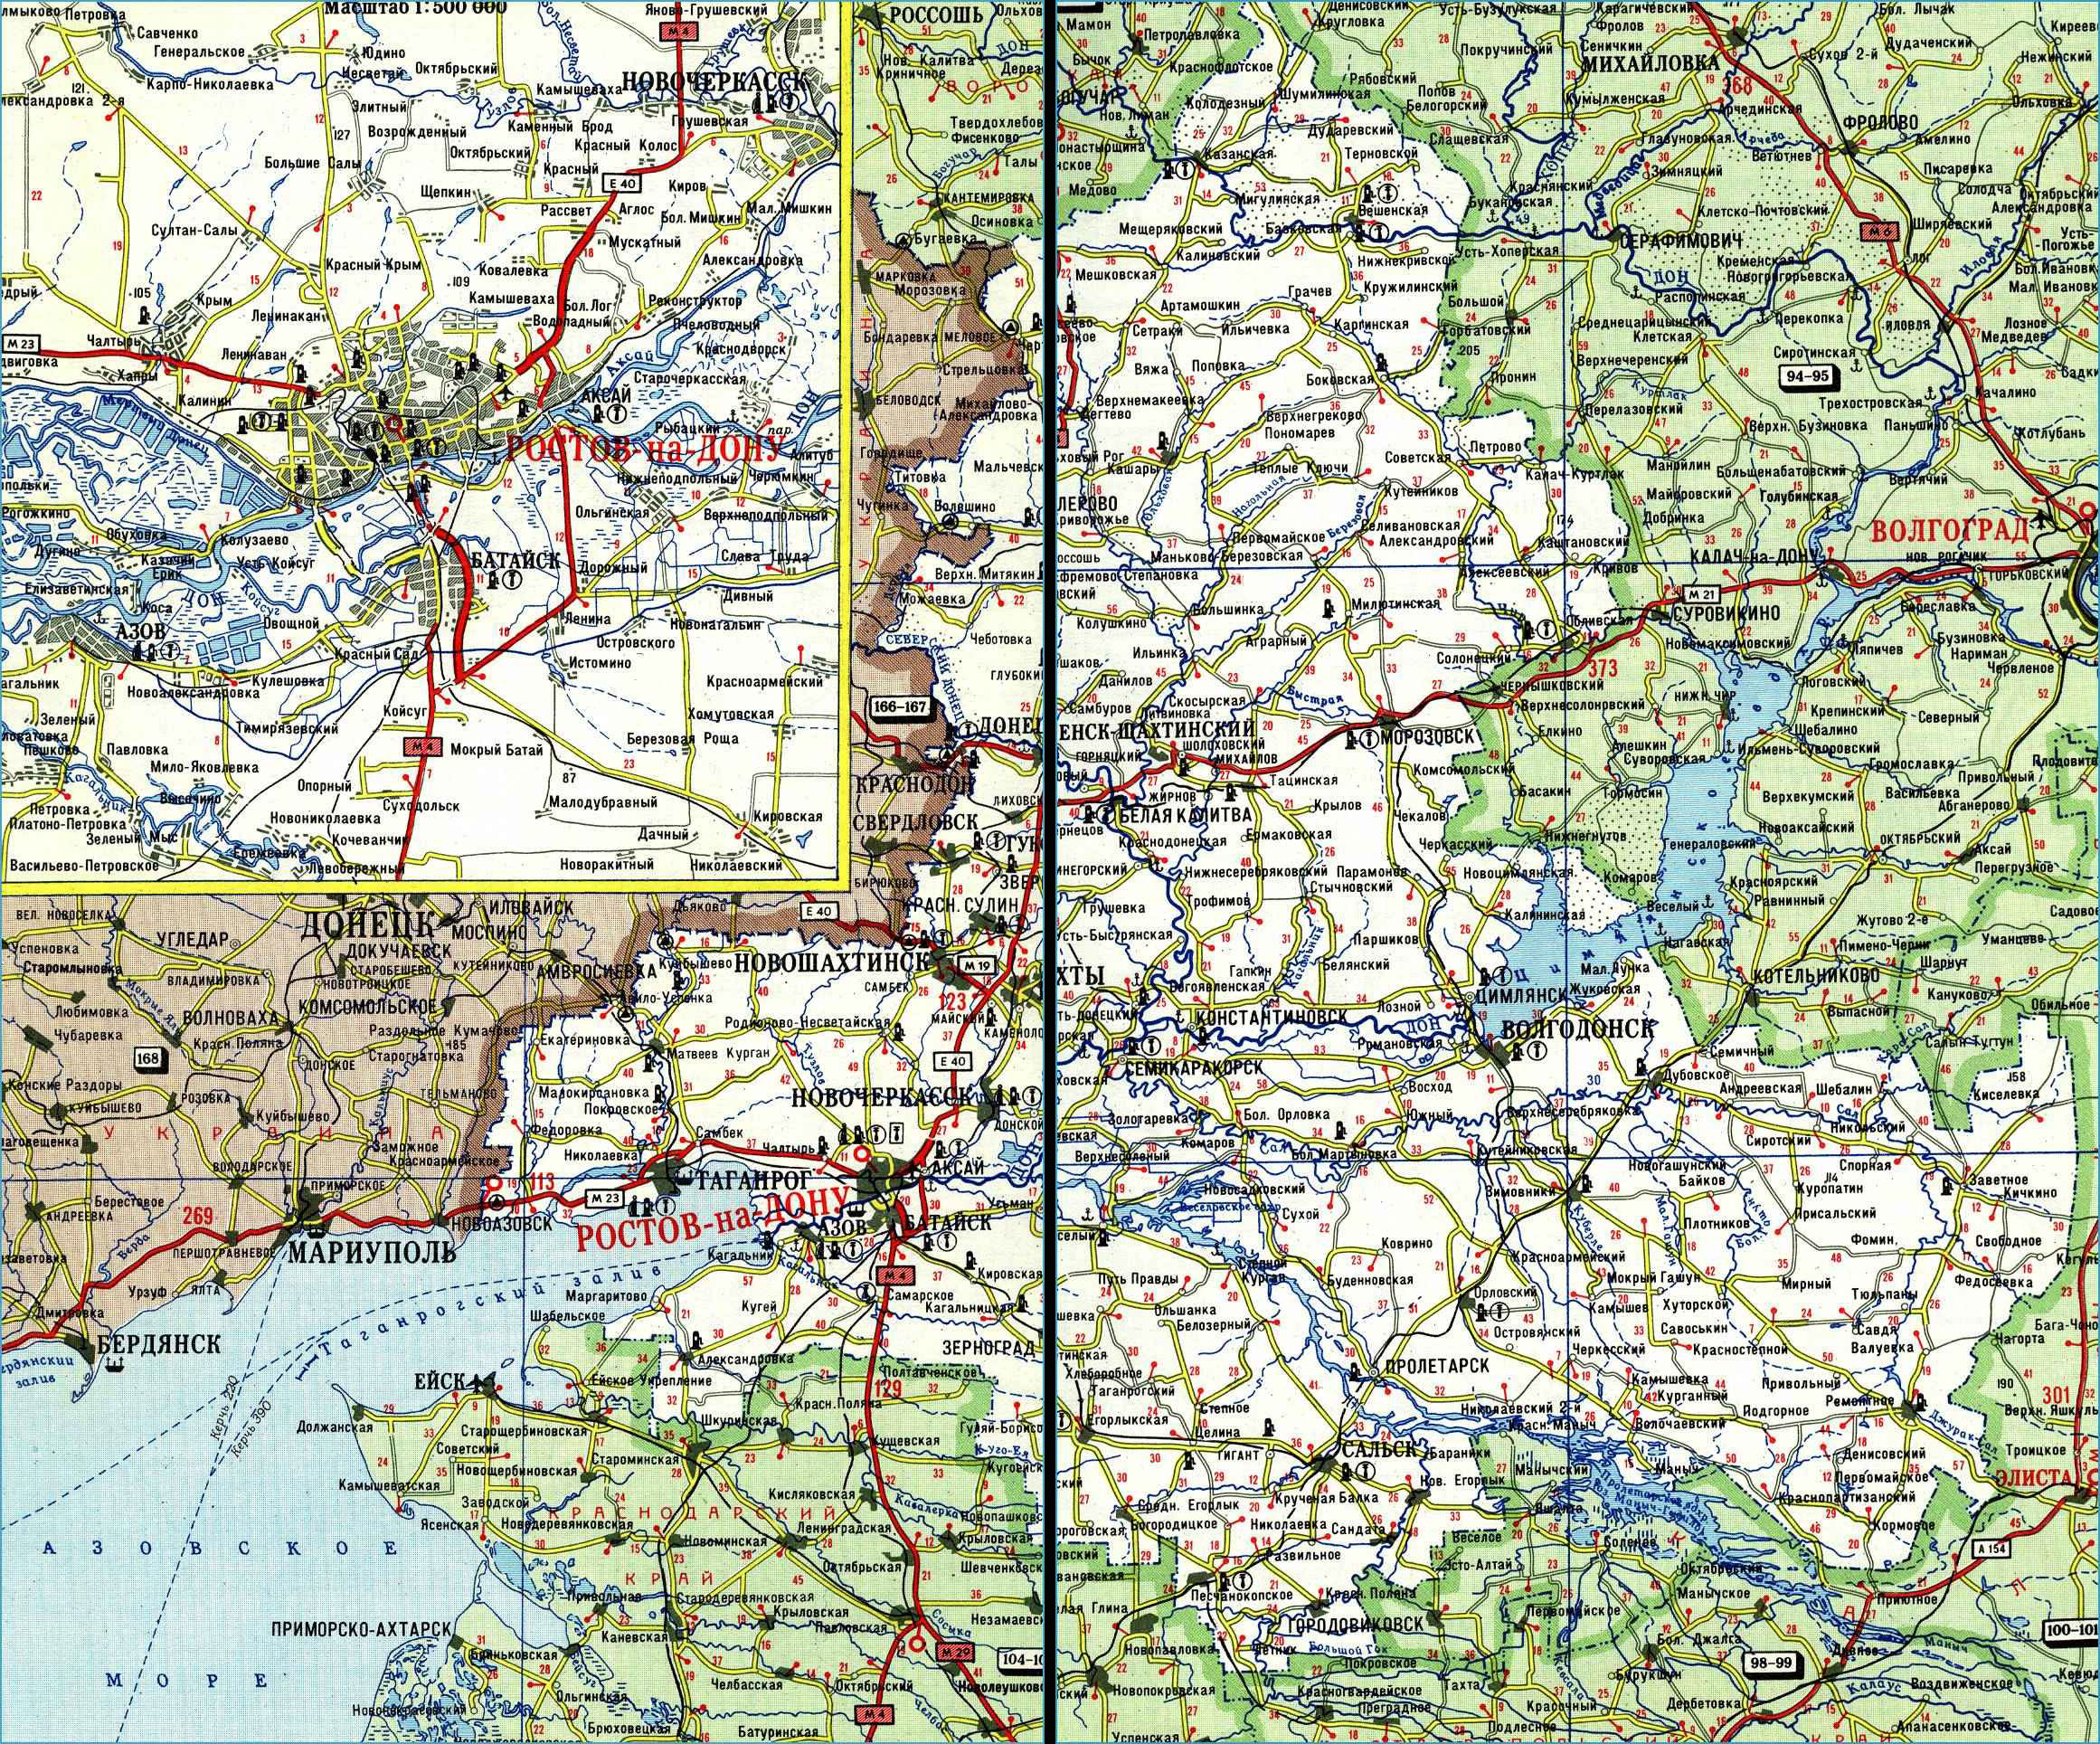 Карта автодорог Ростовской области | #184 | Ростовская ...: http://russia.at.ua/blog/karta_dorog_rostovskoj_oblasti/2009-10-05-184